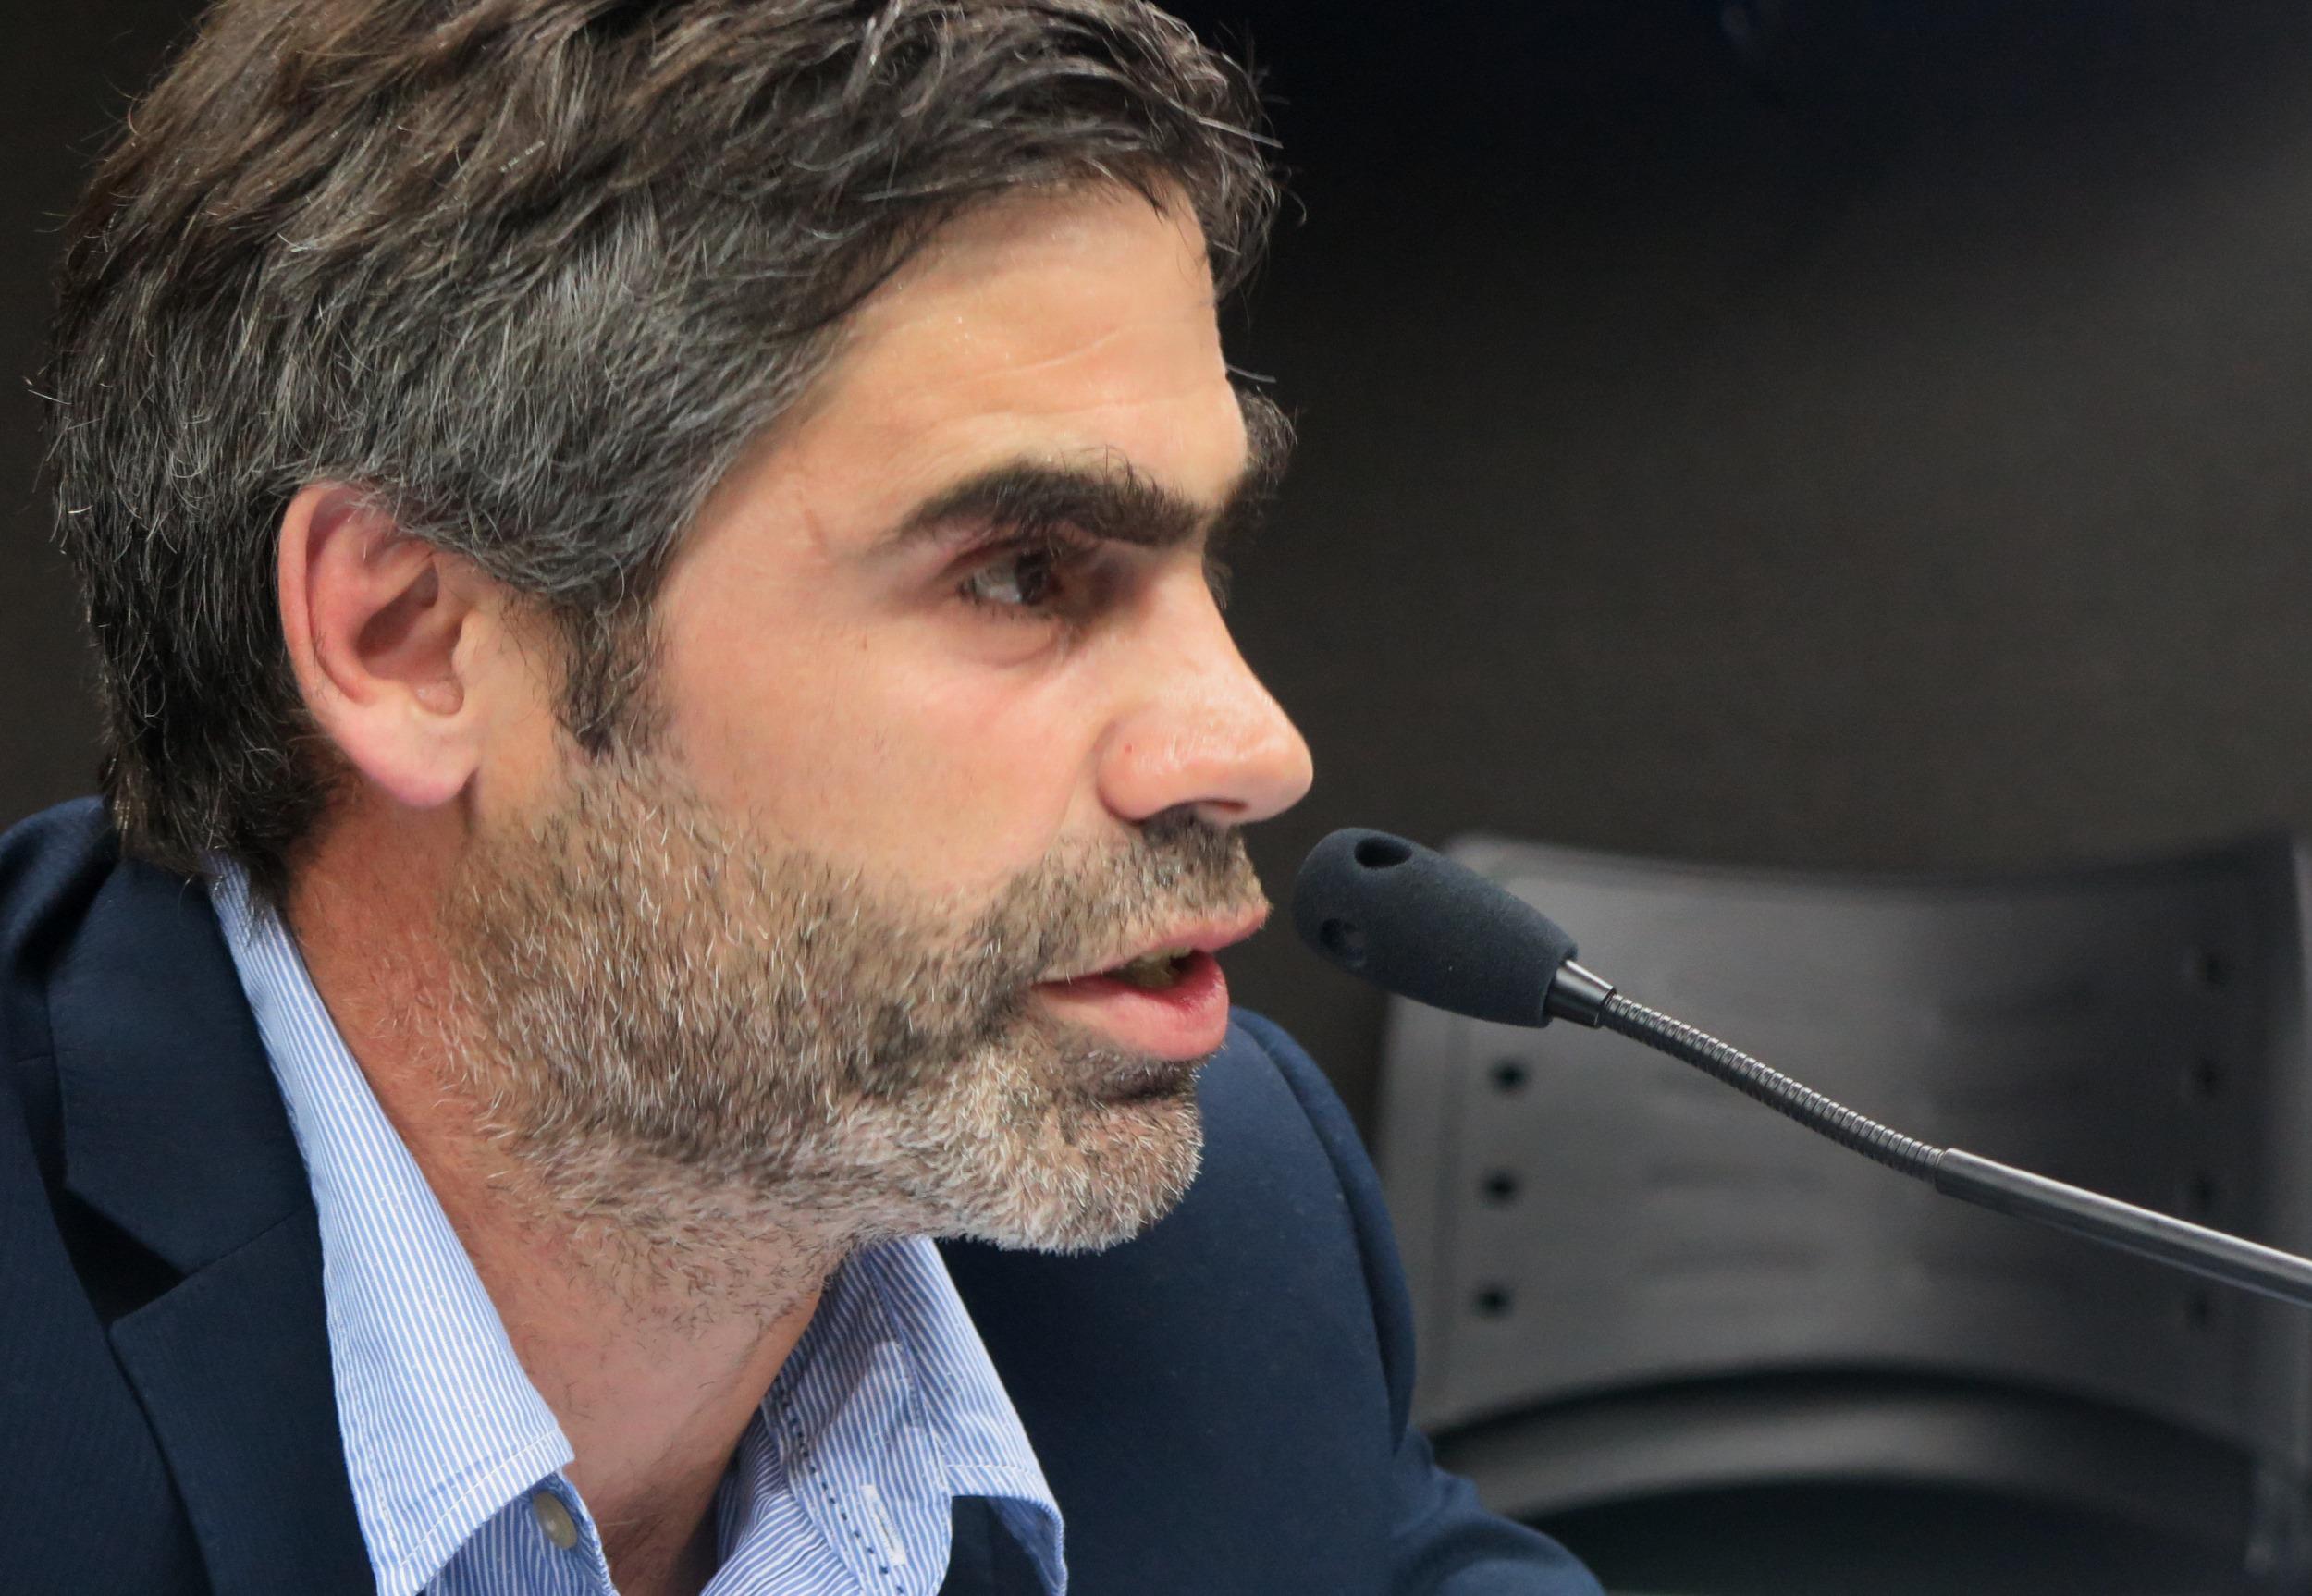 """Portela señaló que el caso tiene """"la huella indeleble de la Subzona Militar 15 en general, y de ambos imputados en particular"""". - Foto: Belén Cano / Fiscalía General de Mar del Plata."""